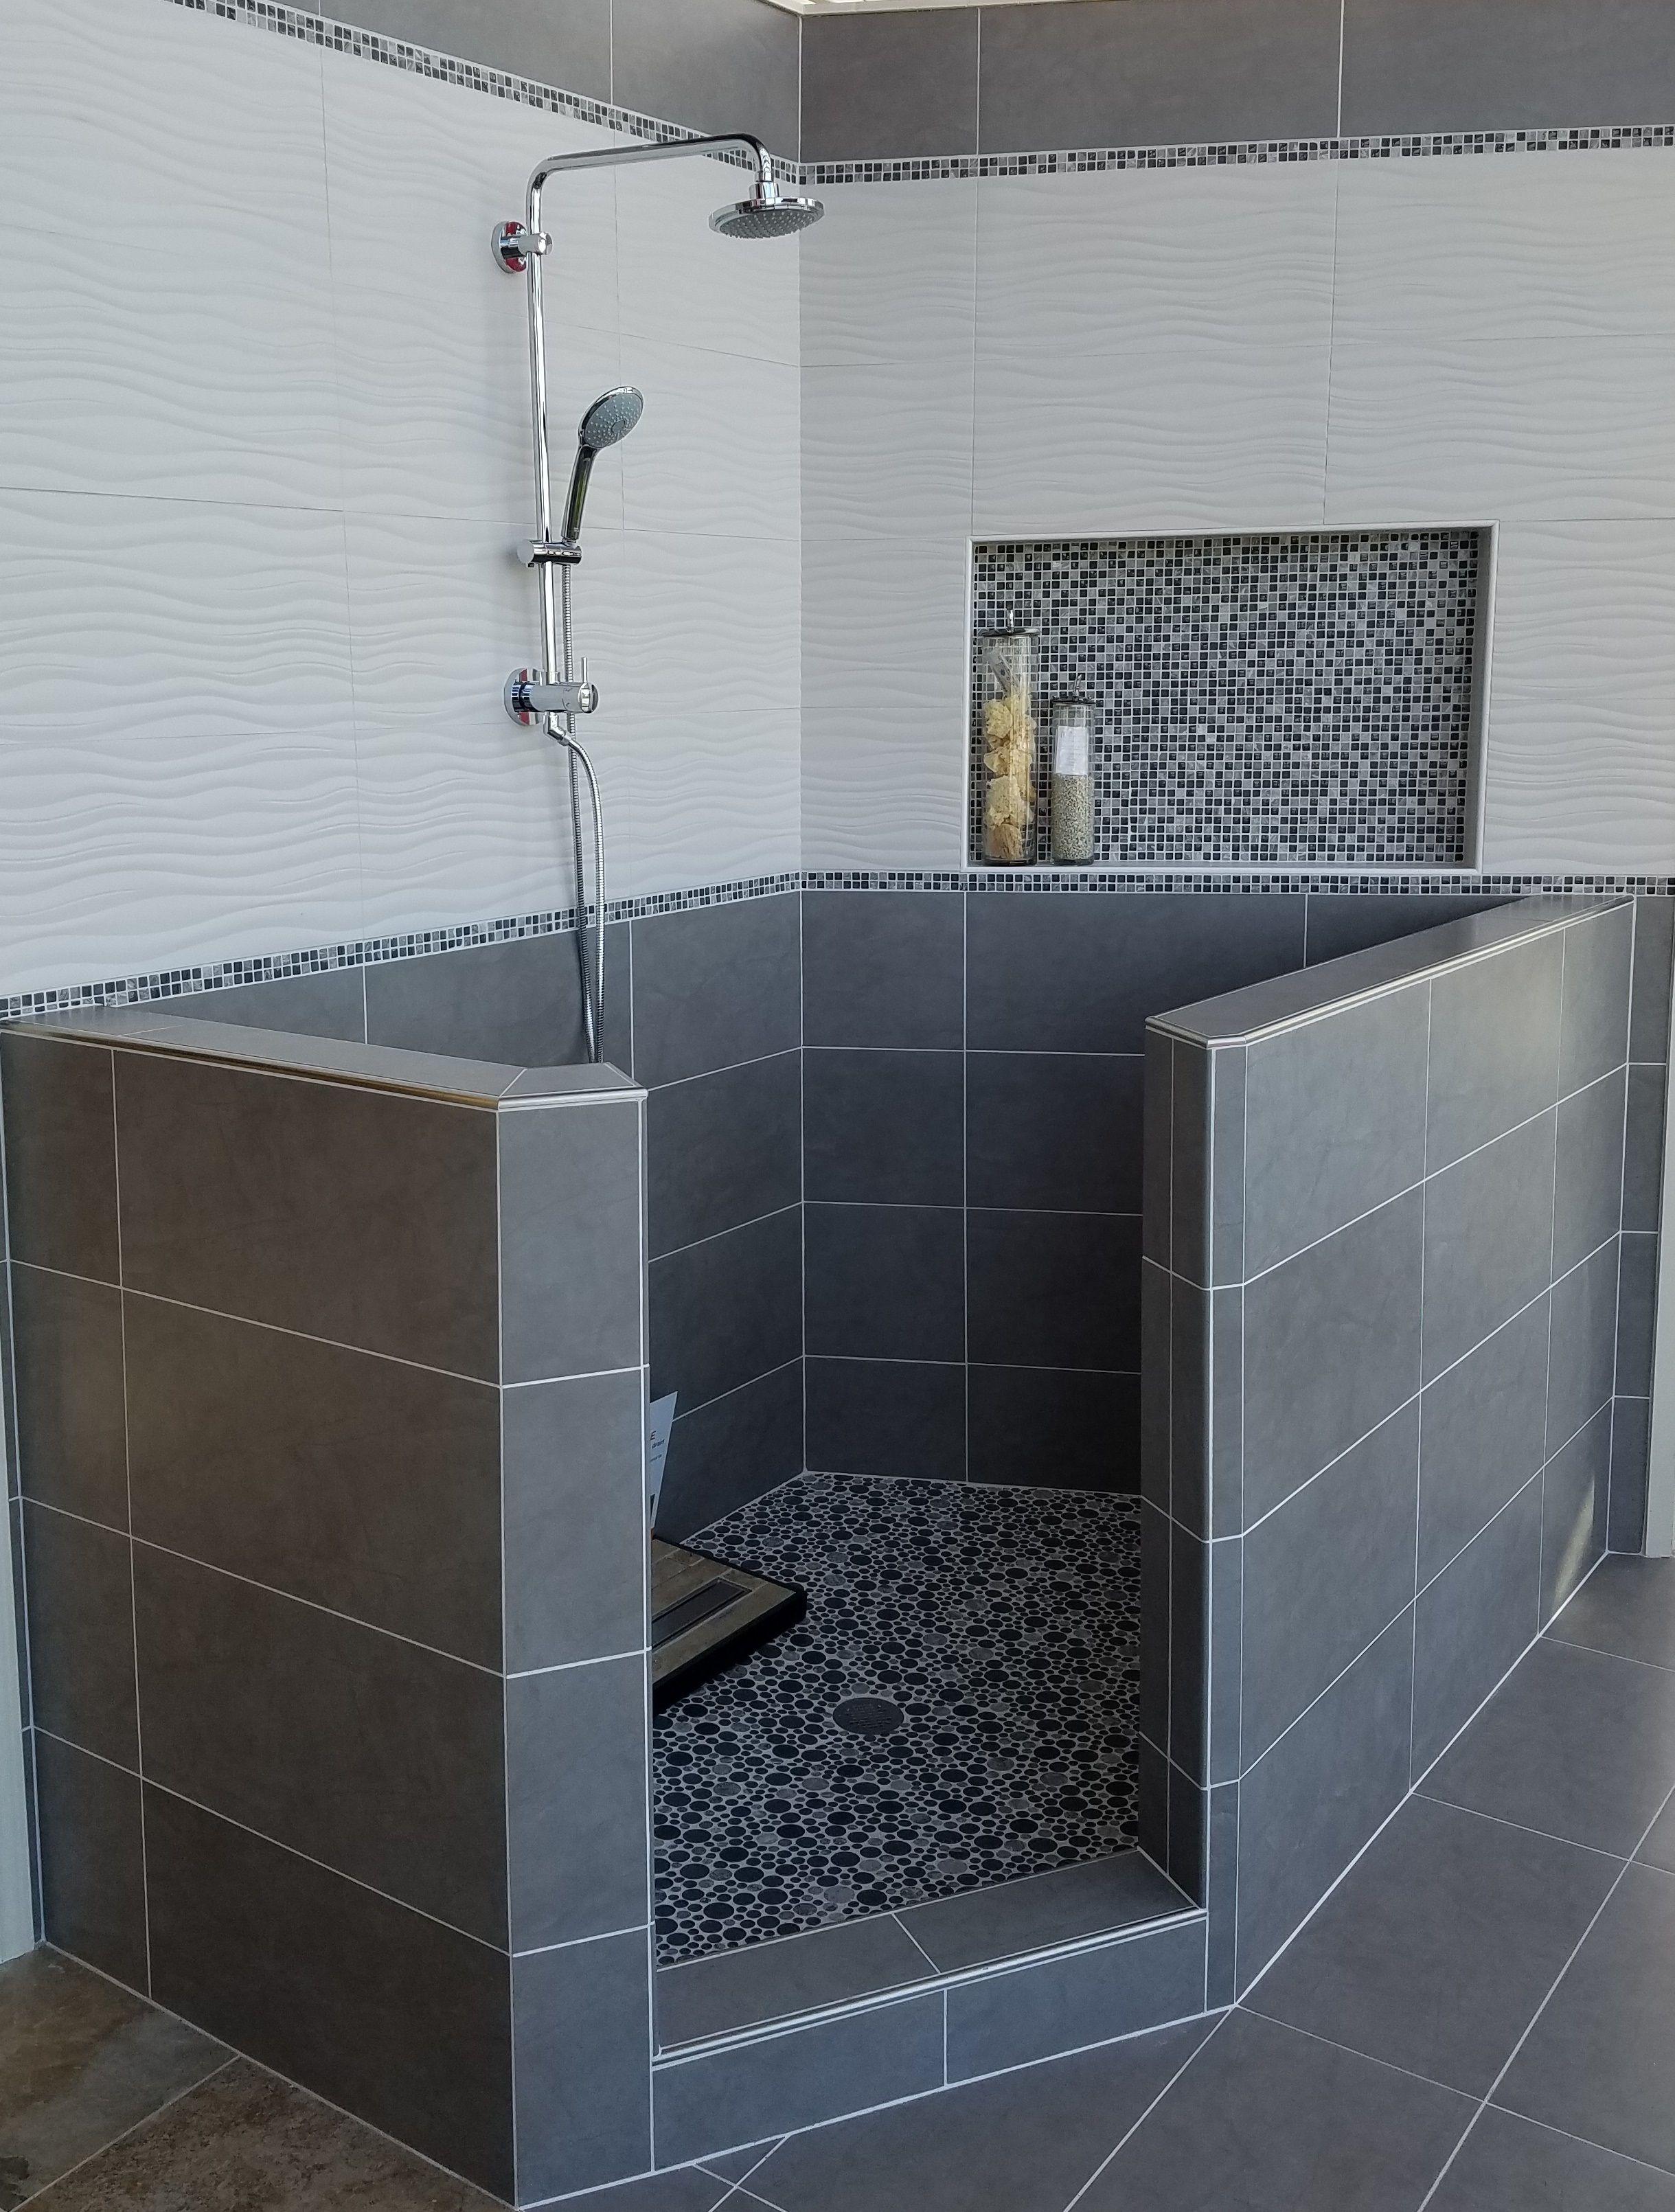 Tcs Bathroom Remodel Idea  Bathrooms  Pinterest  Naperville Adorable Bathroom Remodeling Naperville 2018